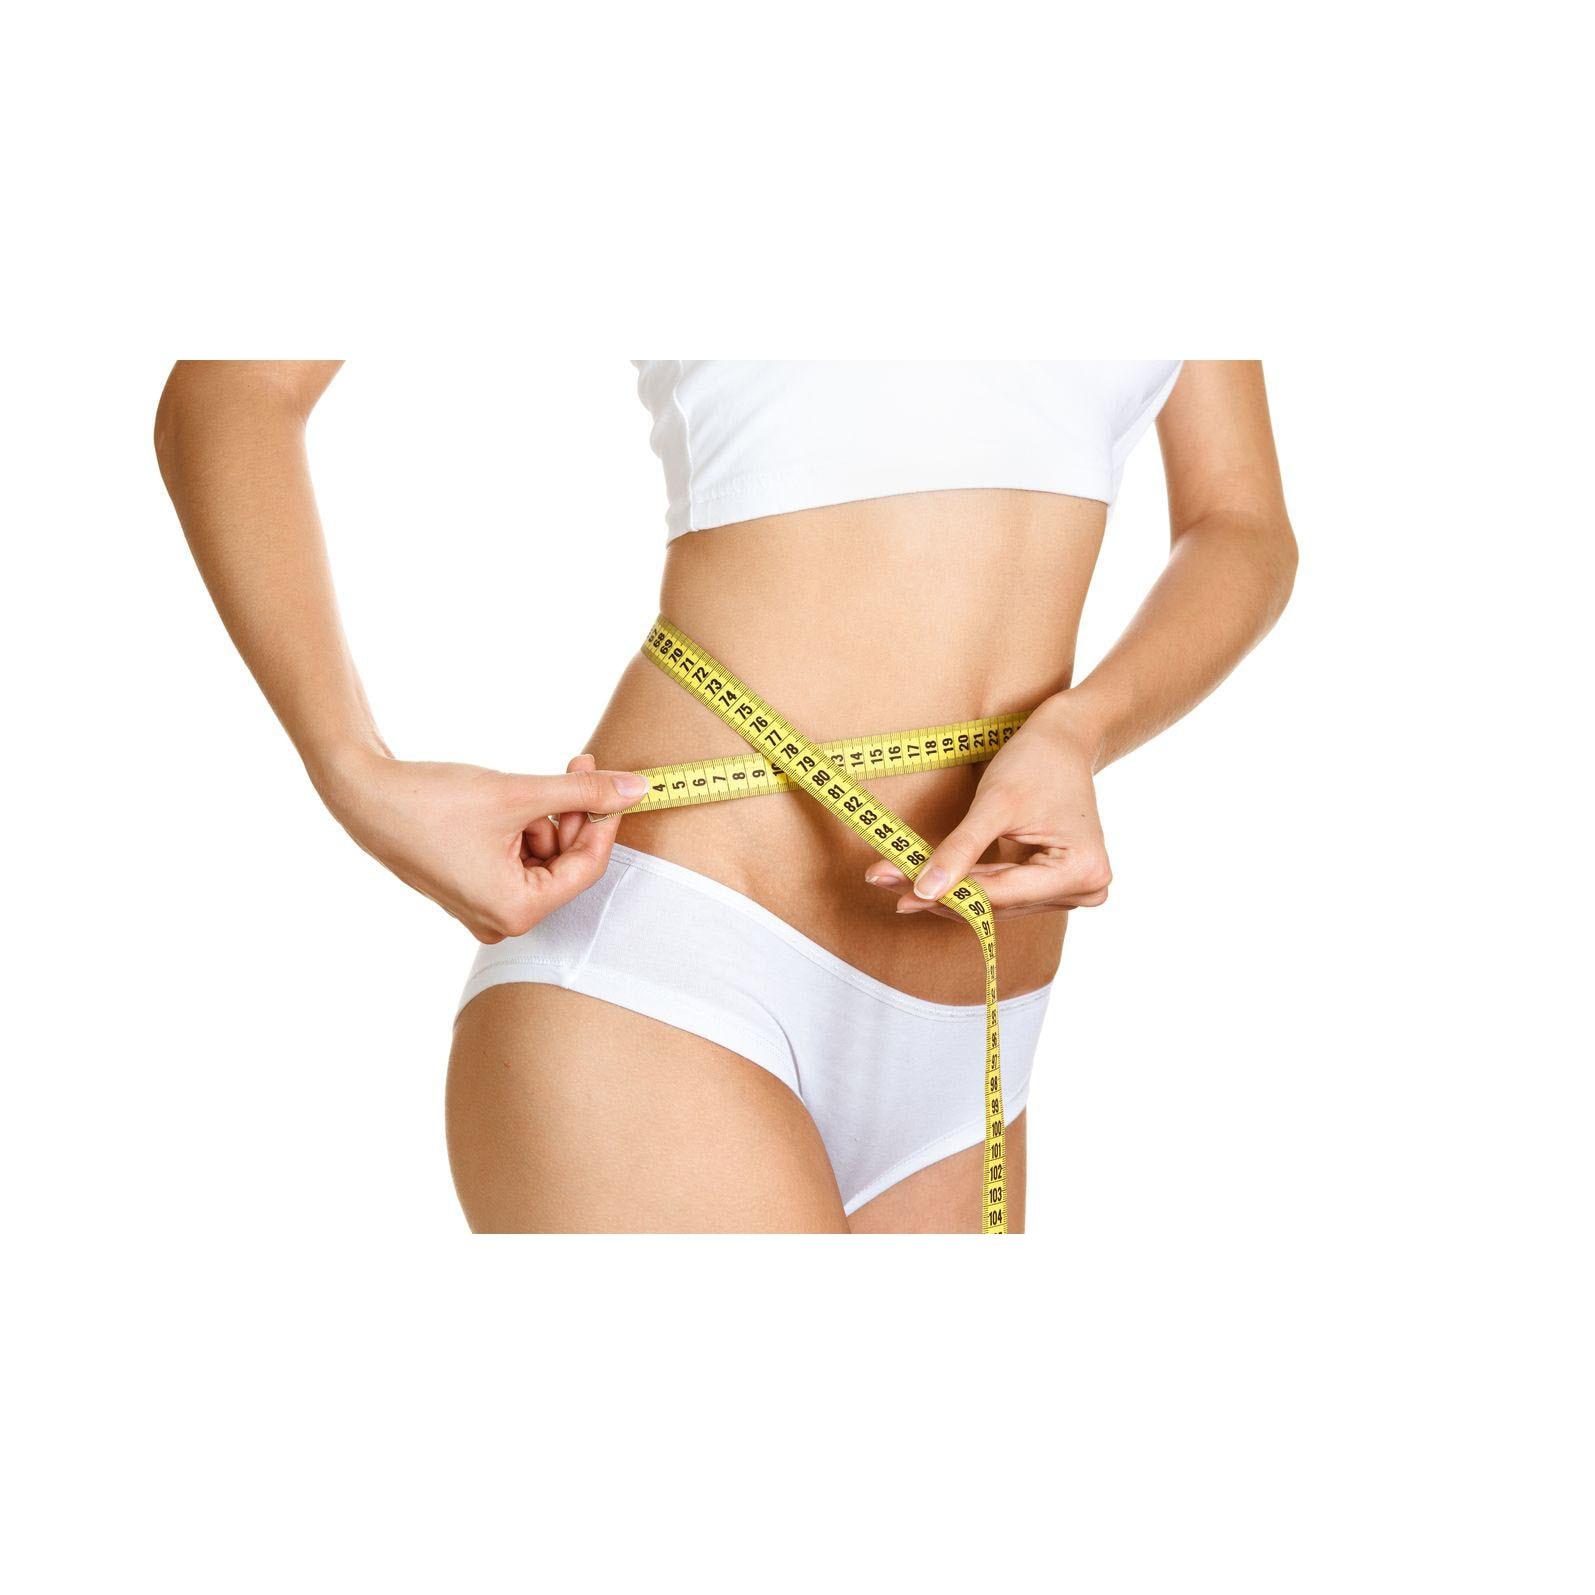 pierdere în greutate corporală)